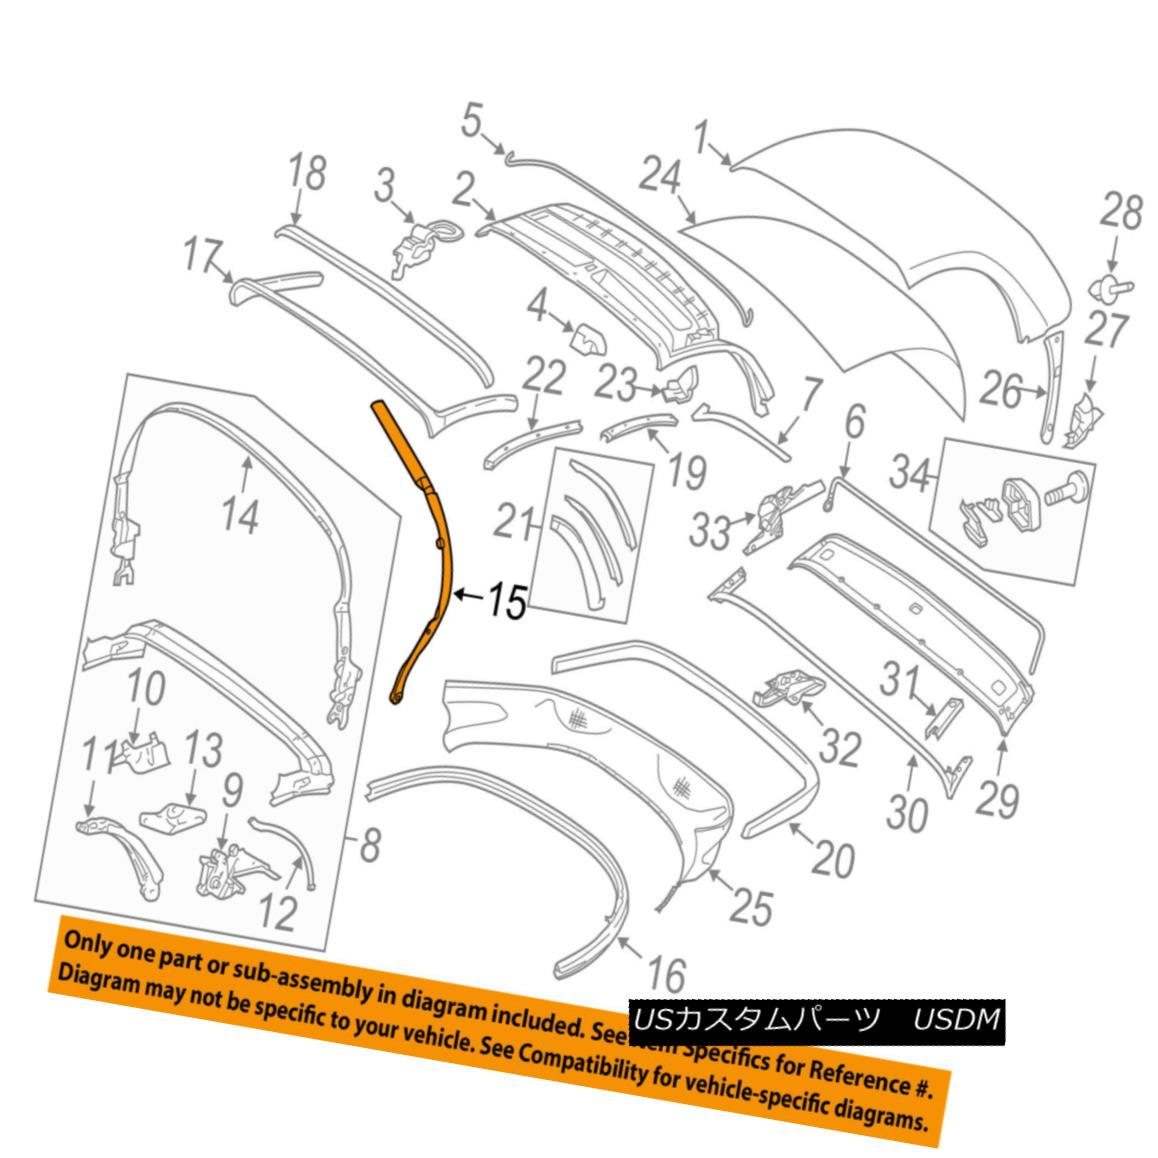 幌・ソフトトップ PORSCHE OEM 05-12 Boxster Convertible/soft Top-Strut 98756123703 PORSCHE OEM 05-12 Boxster Convertible / so ftトップストラット98756123703